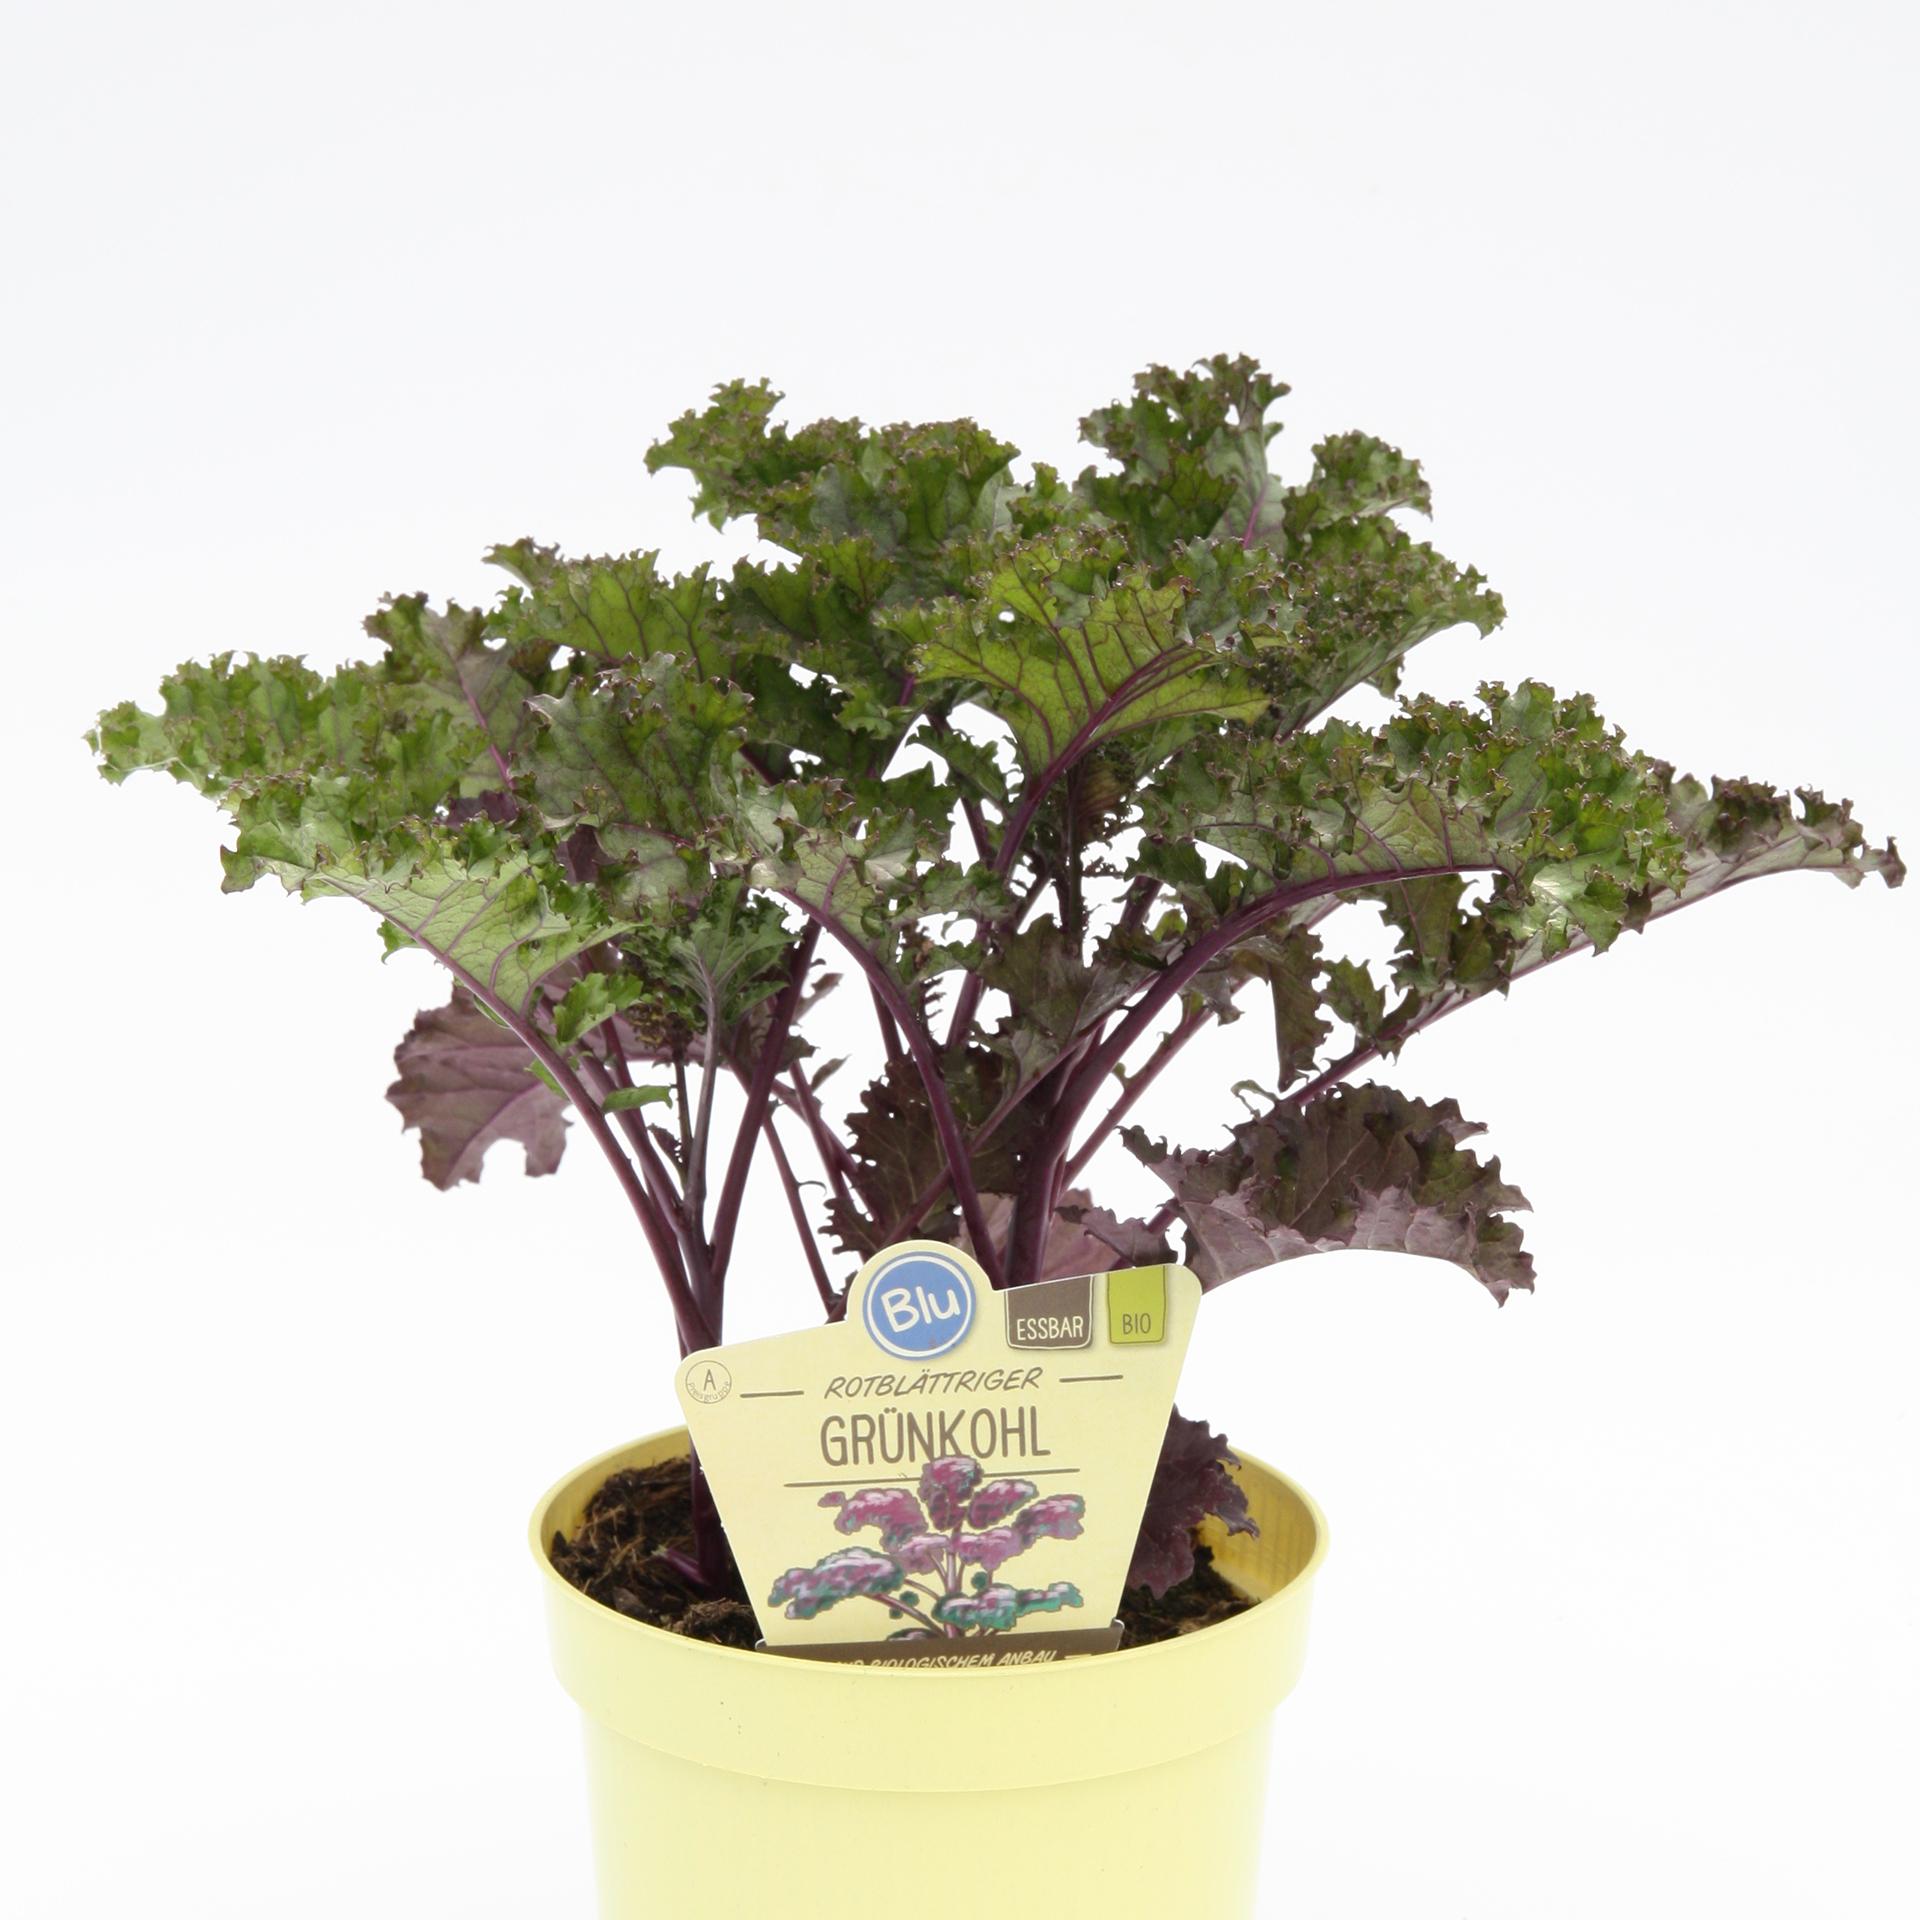 BIO Grünkohl Rotblättriger - Brassia oleracea 'Redbor', 12cm Topf